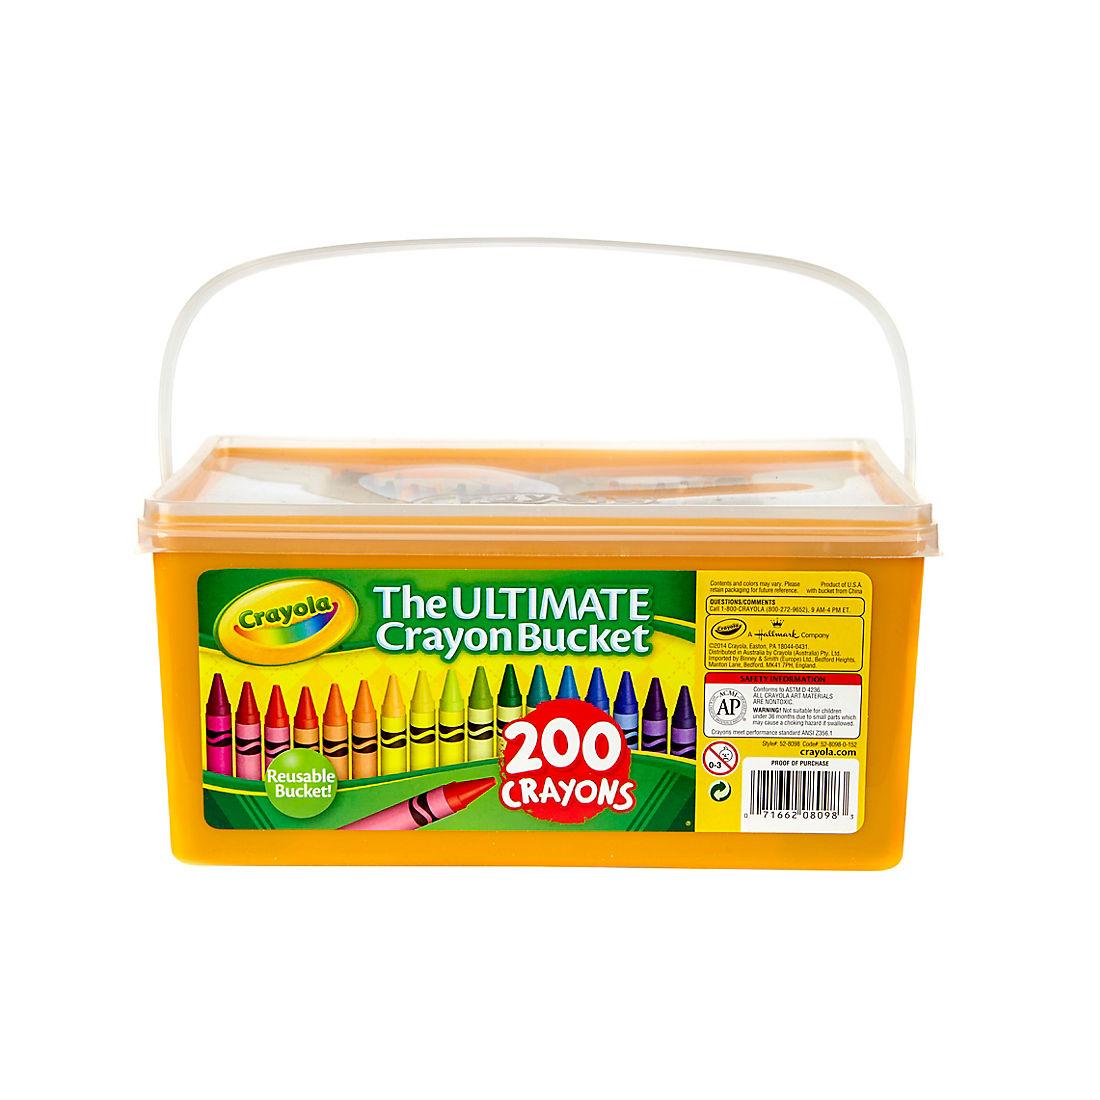 Crayola Ultimate Crayon Bucket, 200 ct.